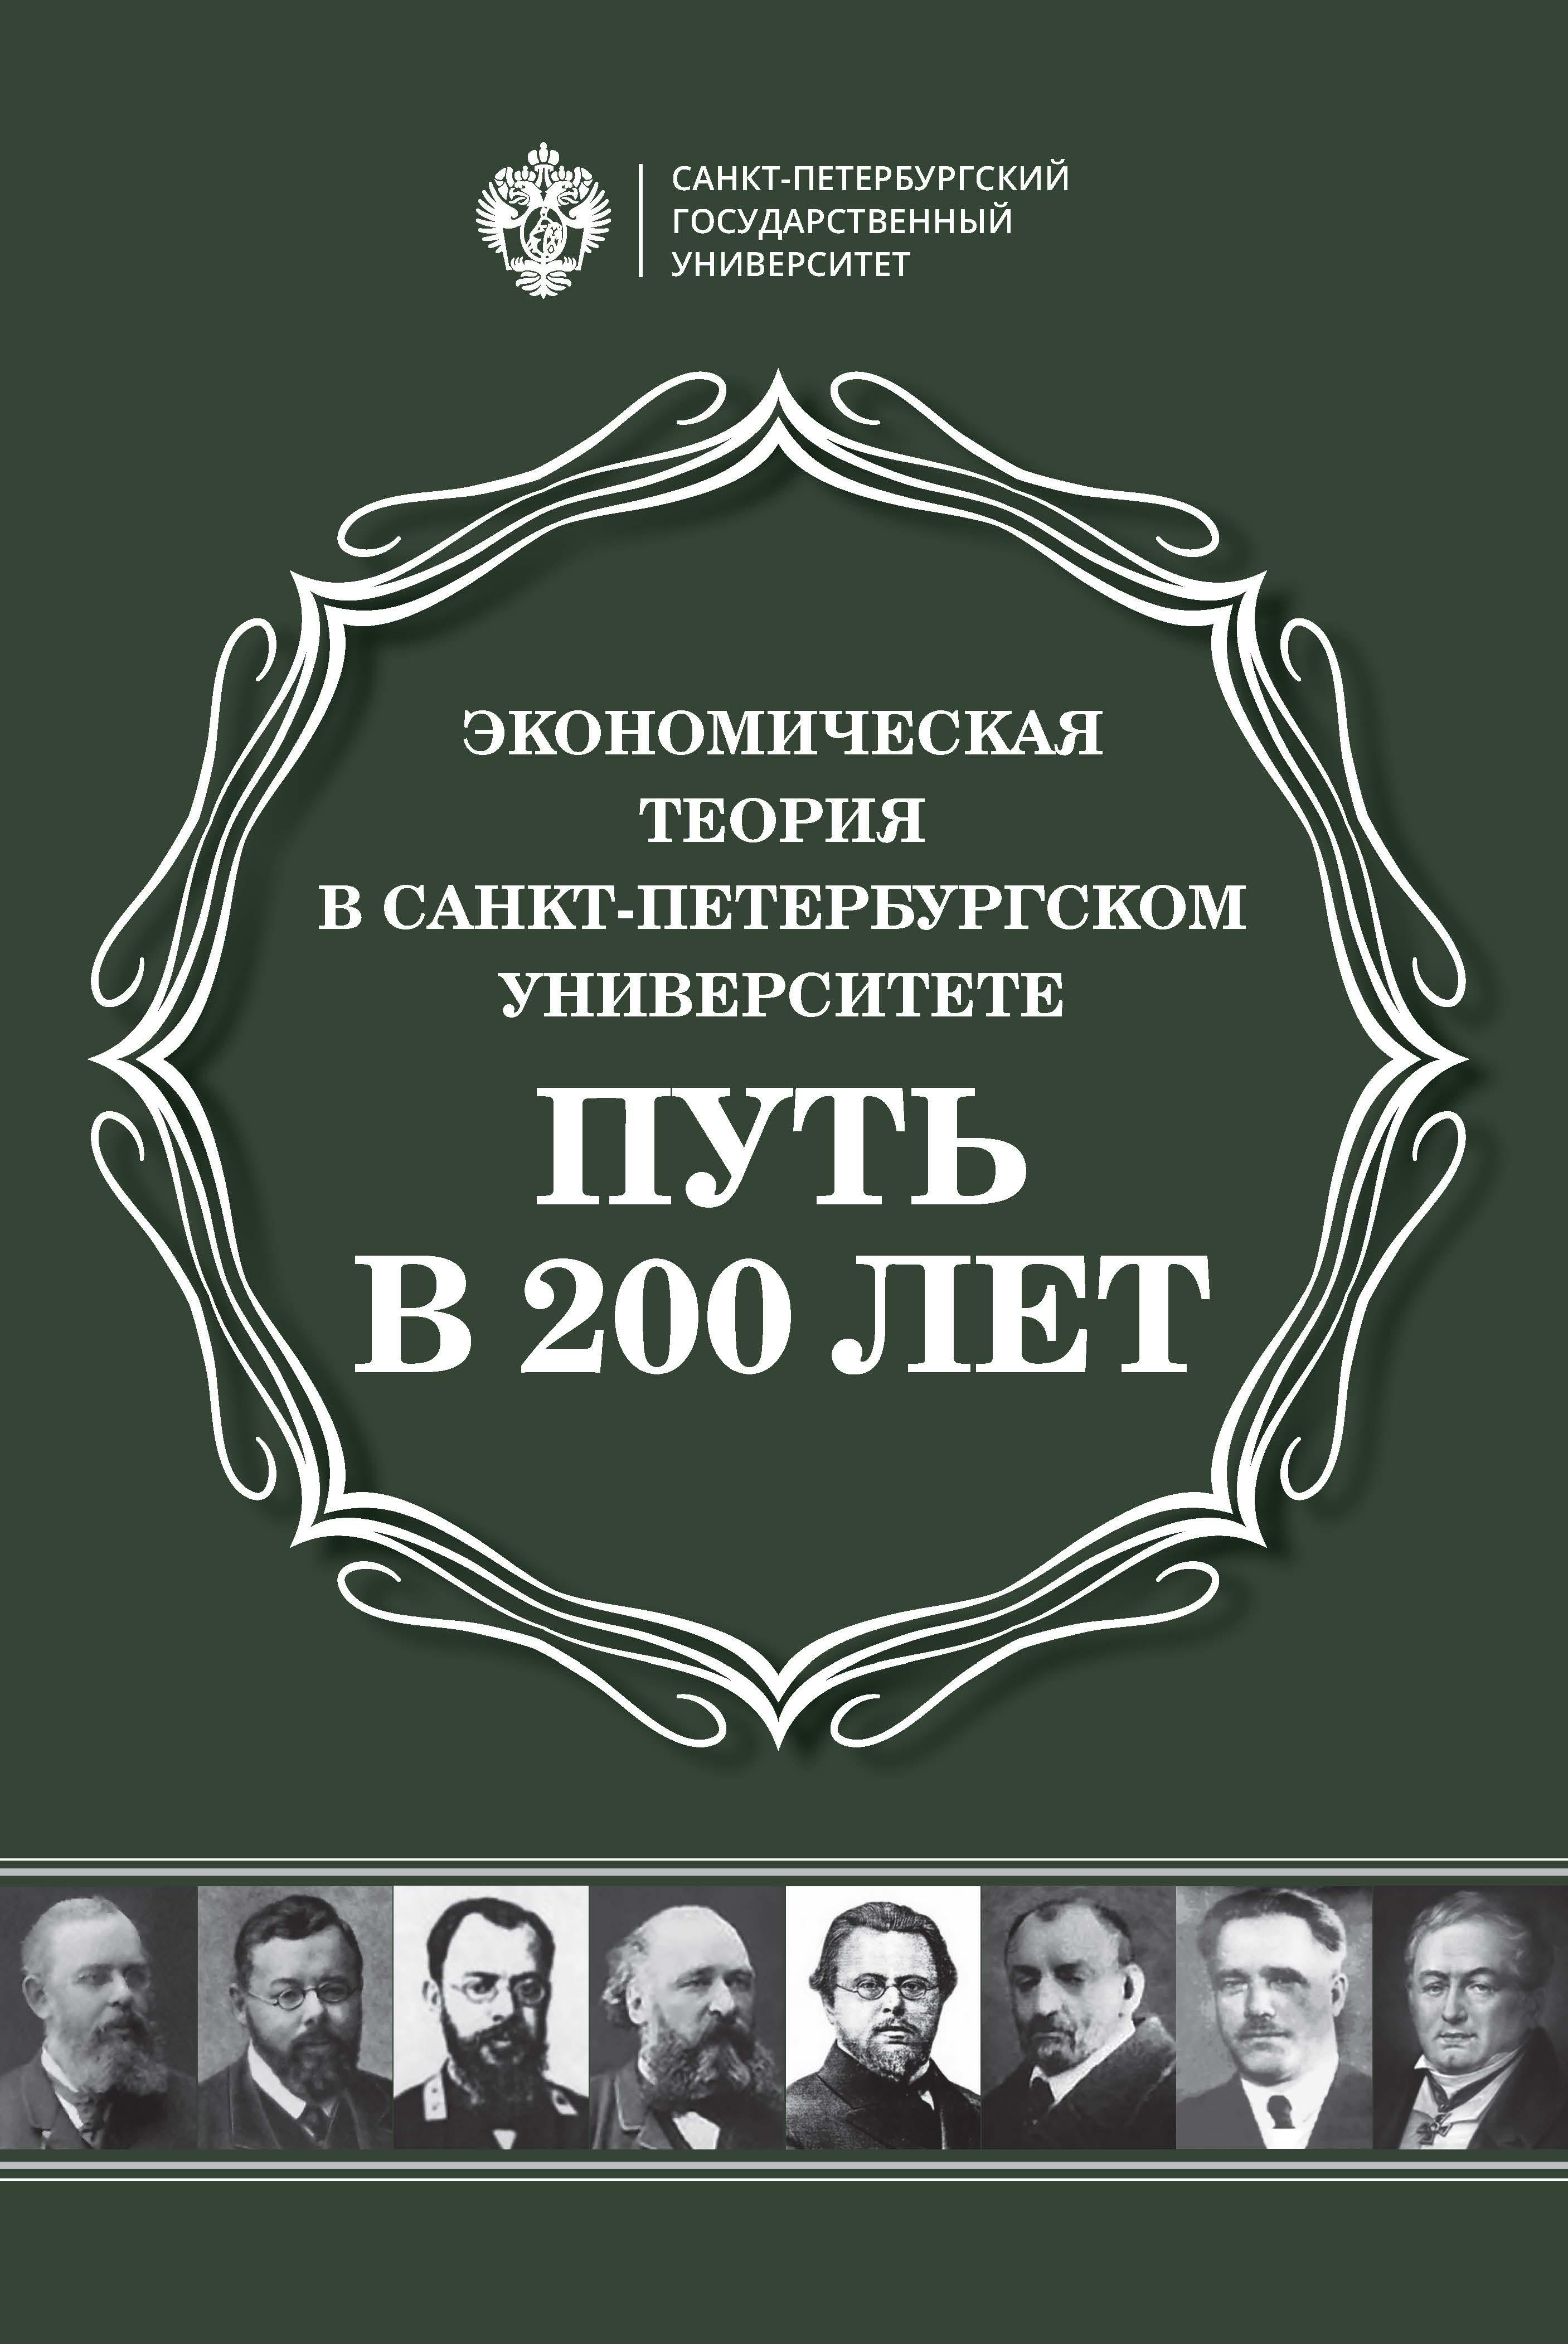 Сборник Экономическая теория в Санкт-Петербургском университете. Путь в 200 лет цена 2017